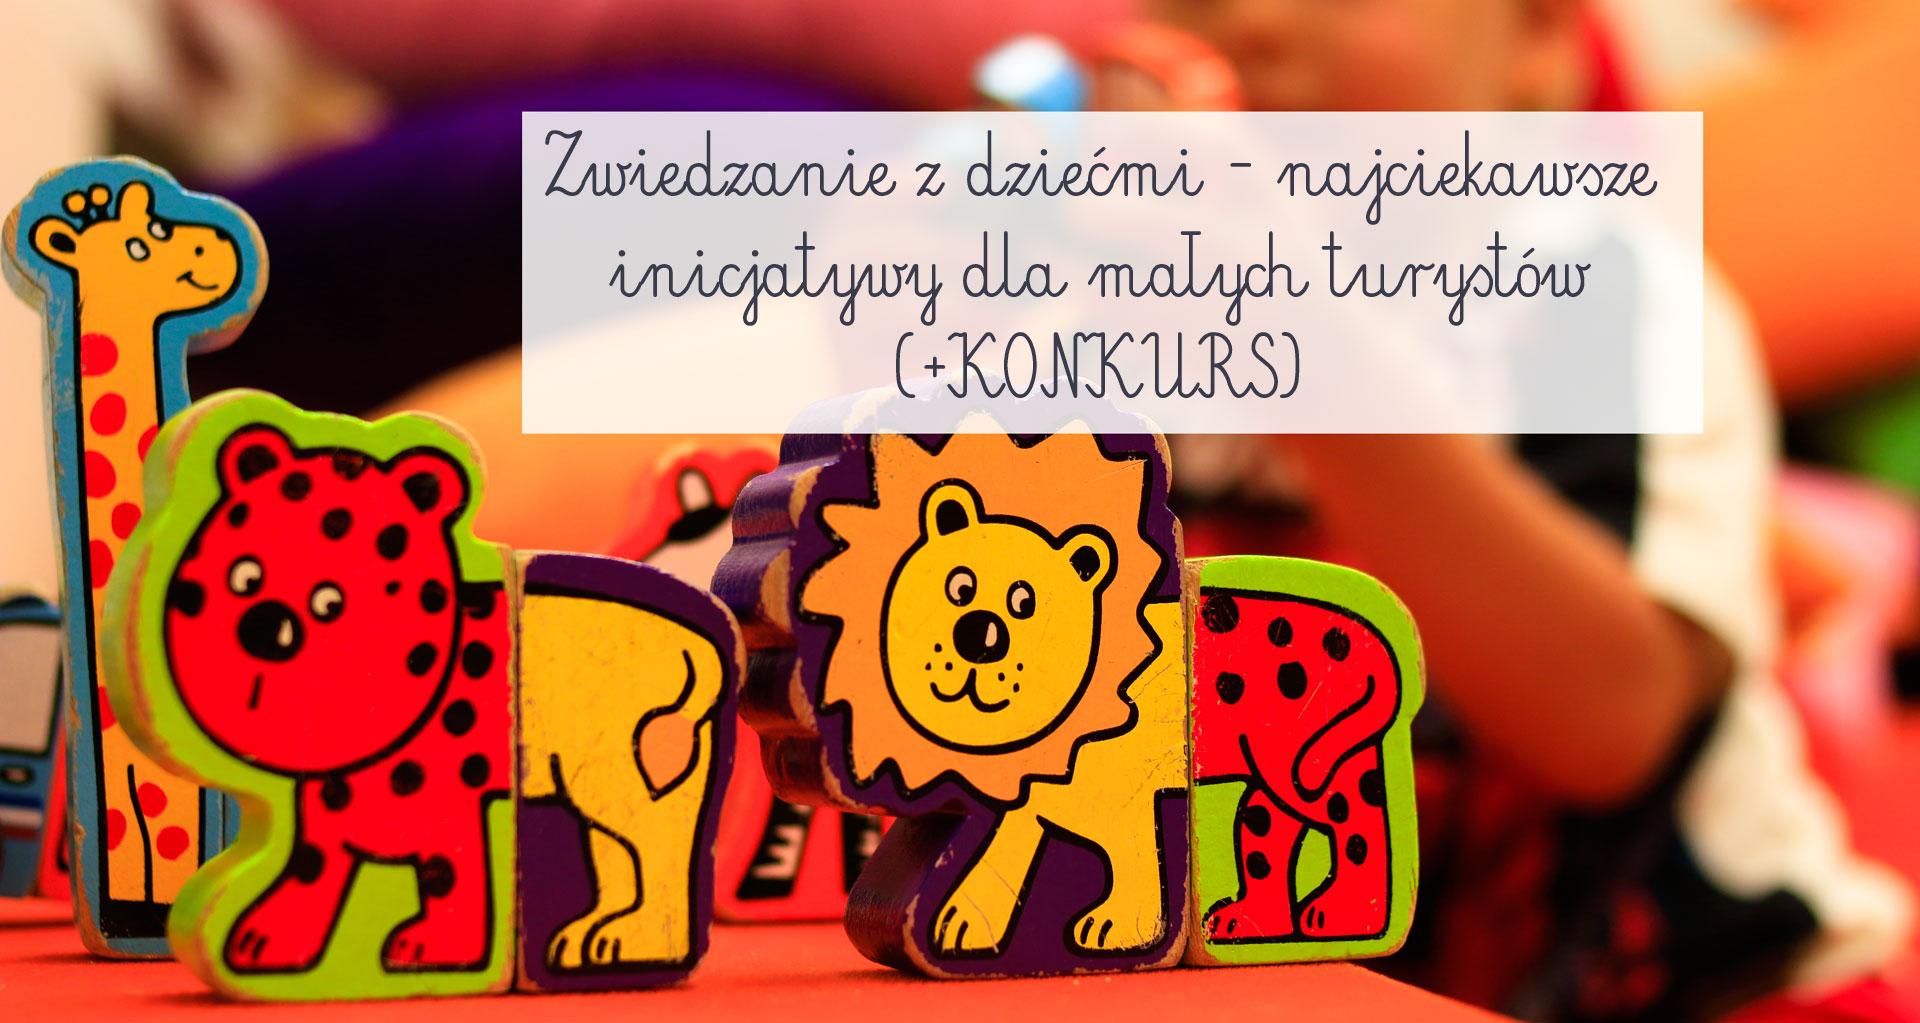 zwiedzanie z dziećmi, kiedy polska była mała, trasa dla bobasa, książki dla dzieci, historia dla dzieci, historia polski dla dzieci, wycieczki dla dzieci, muzea dla dzieci